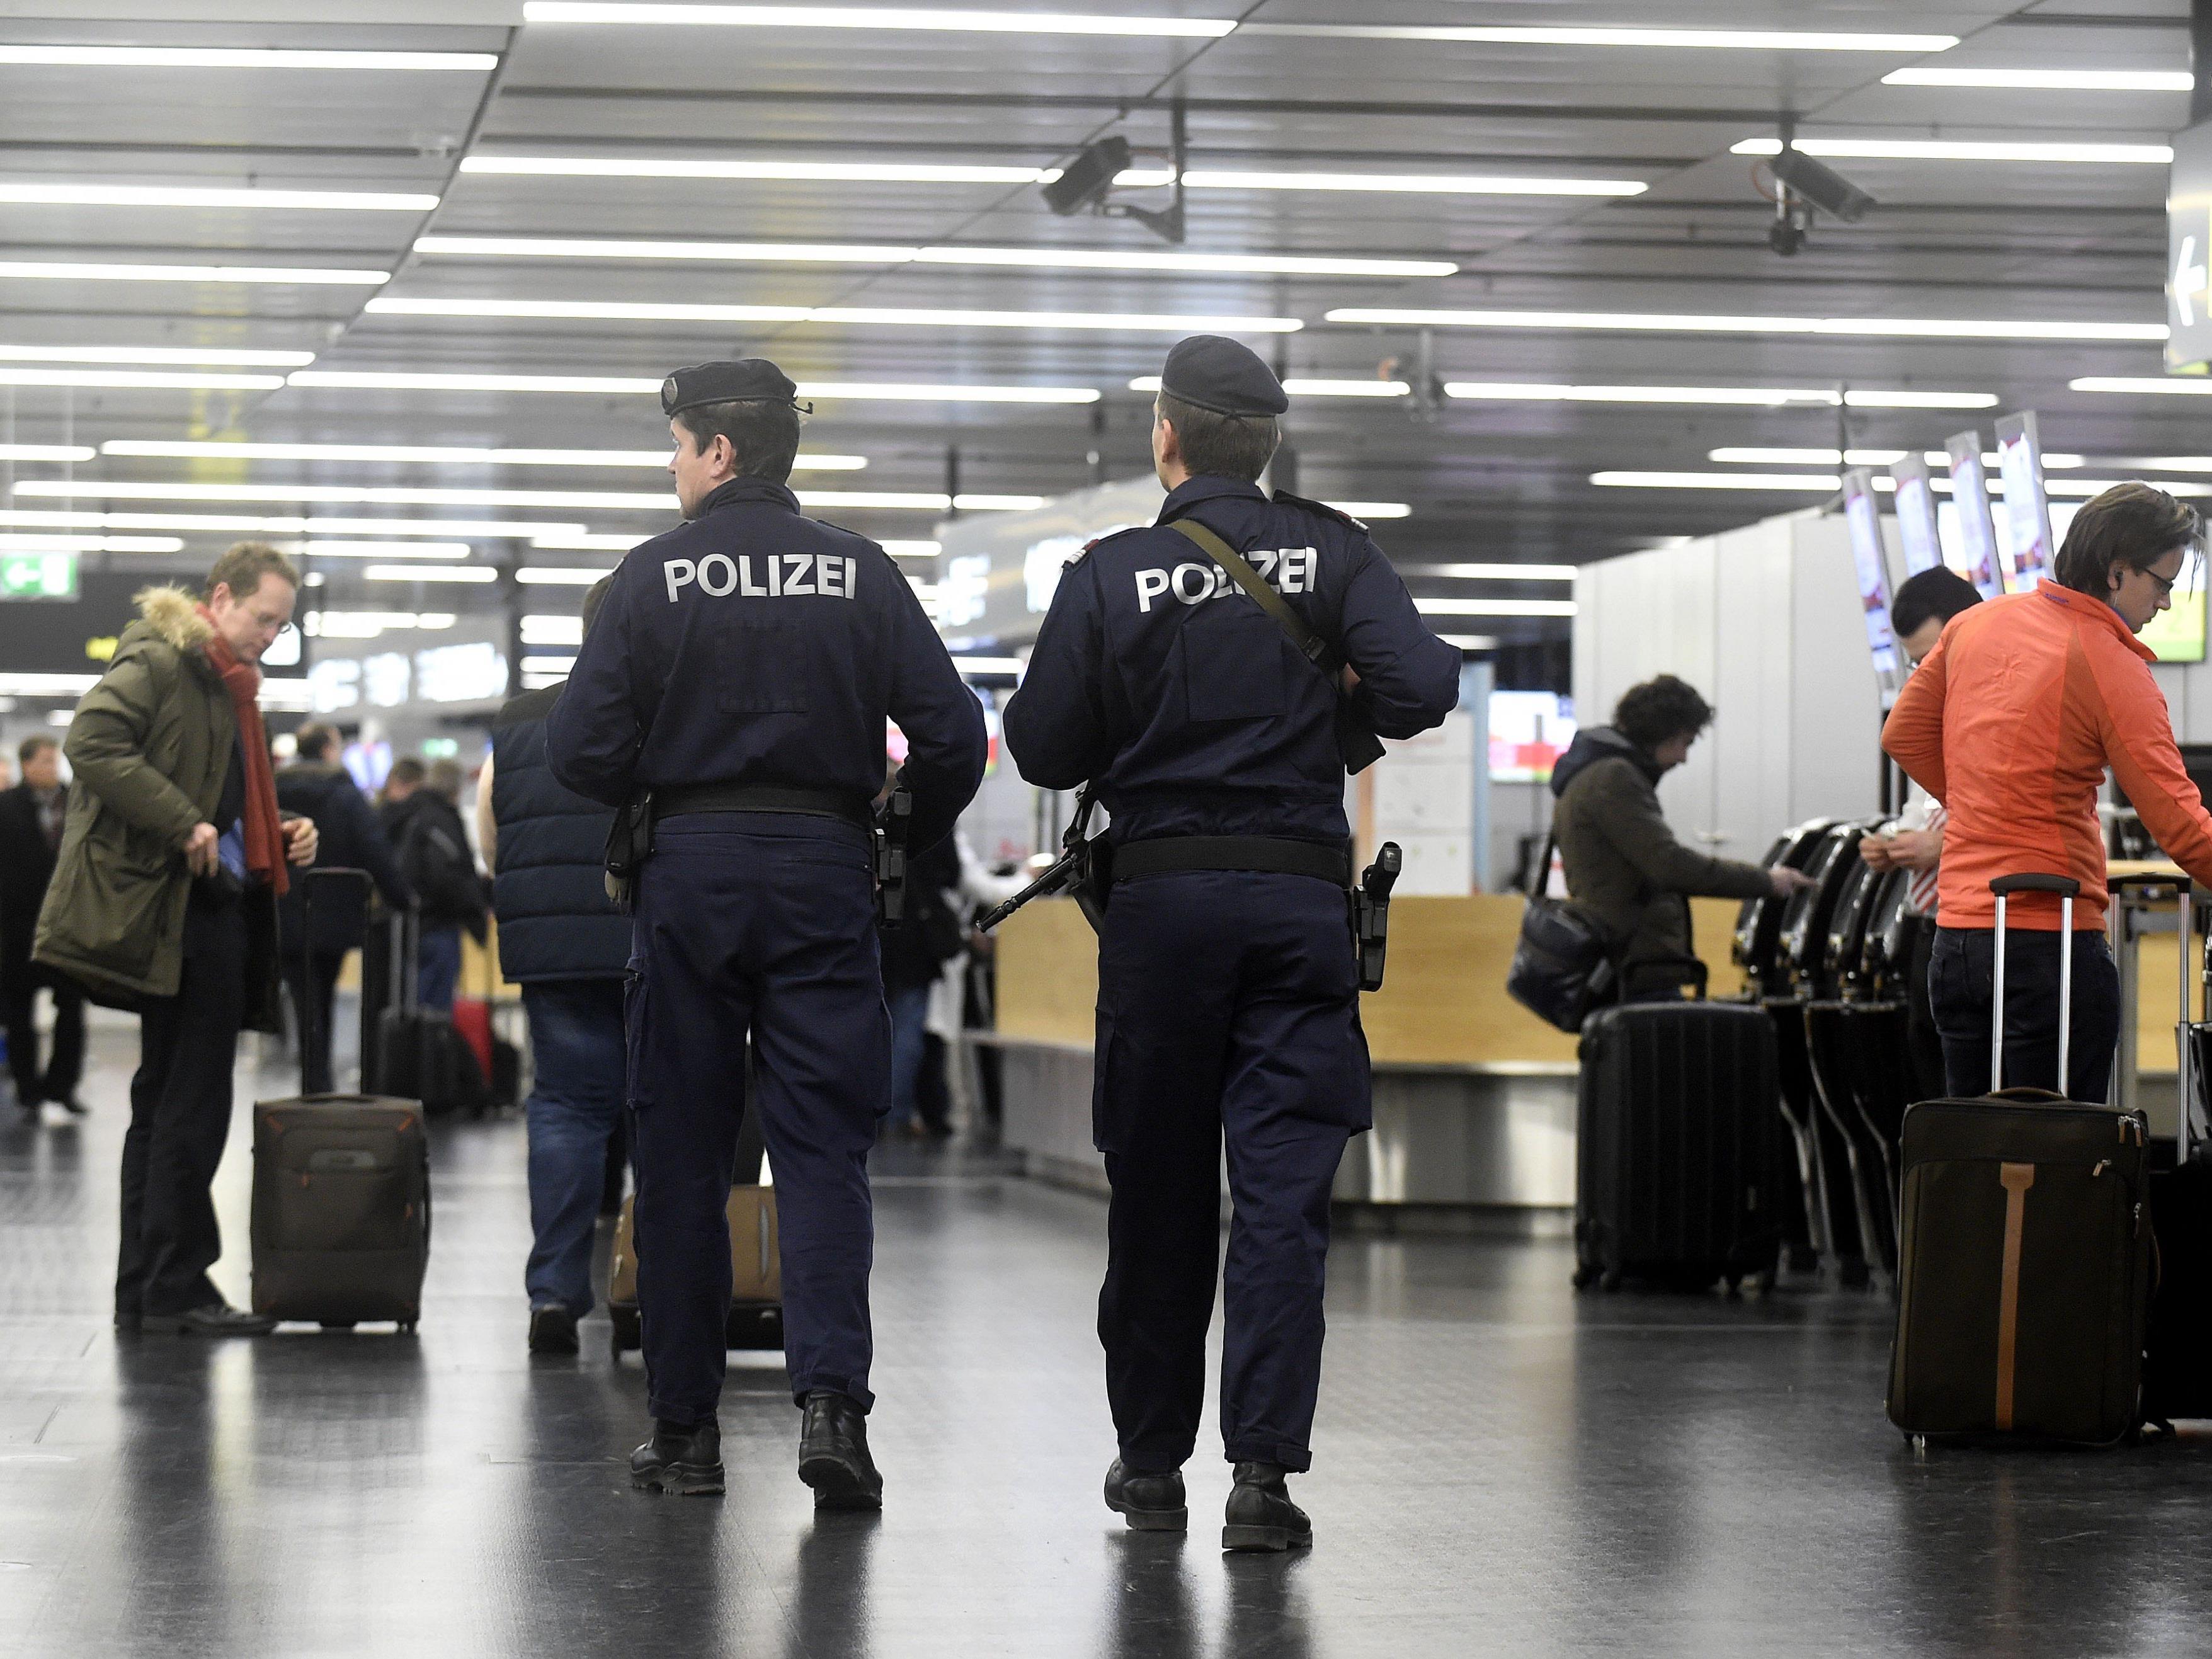 Der deutsche Soldat wurde am Wiener Flughafen festgenommen.